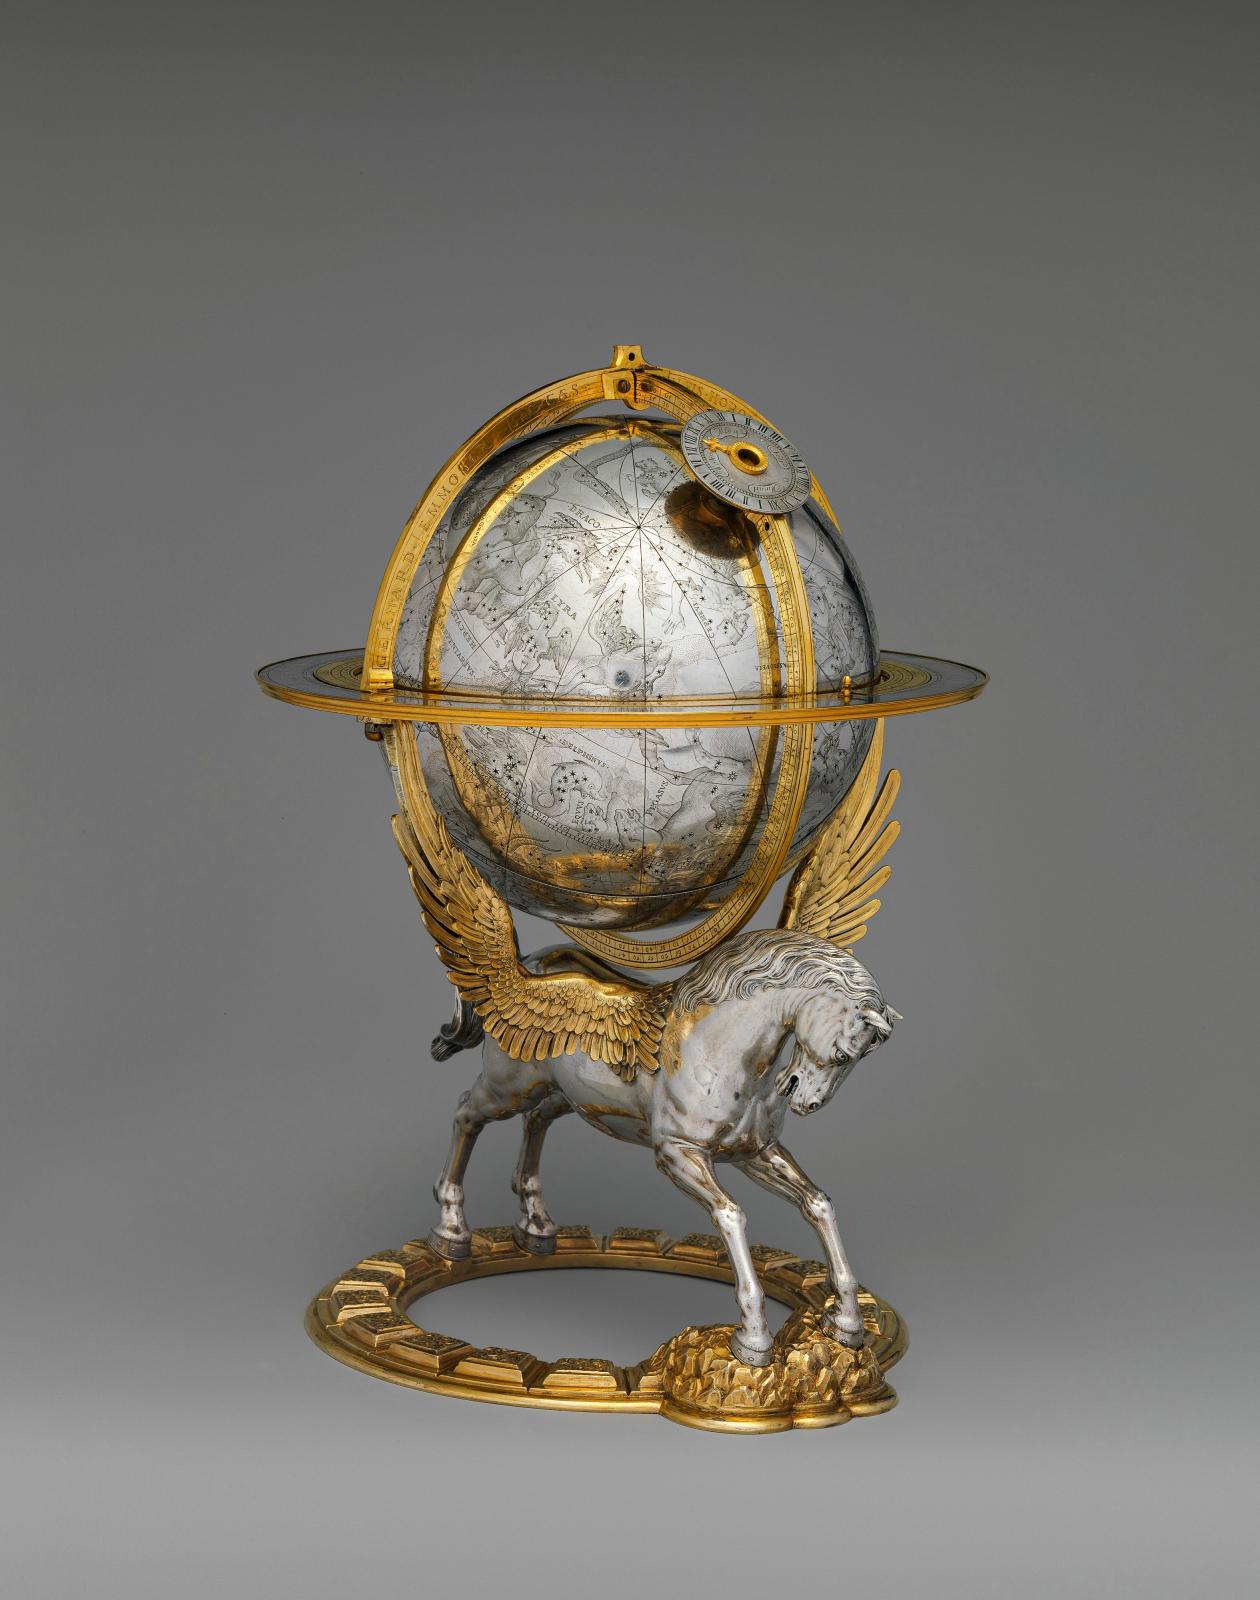 Gerhard Emmoser, Globe céleste à mécanisme,1579, Vienne (Autriche), argent partiellement doré, laiton, acier, 27,3x 20,3x19,1cm,New